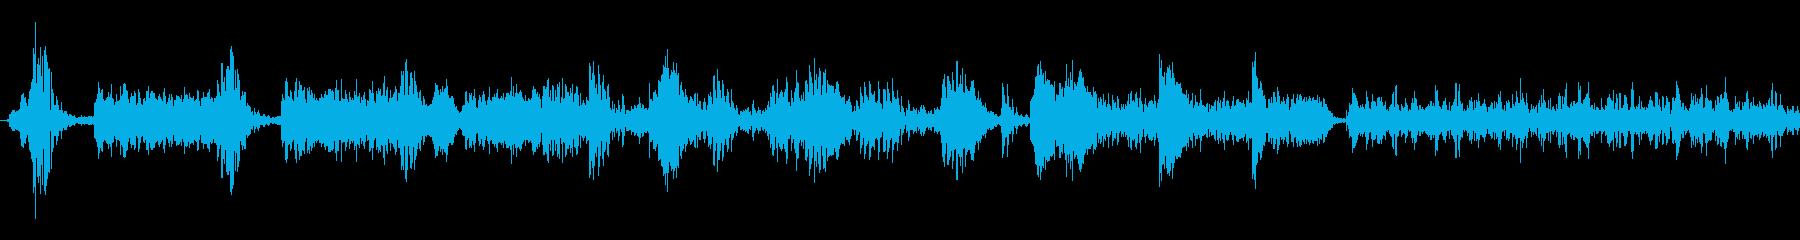 ラジオスキャン7の再生済みの波形